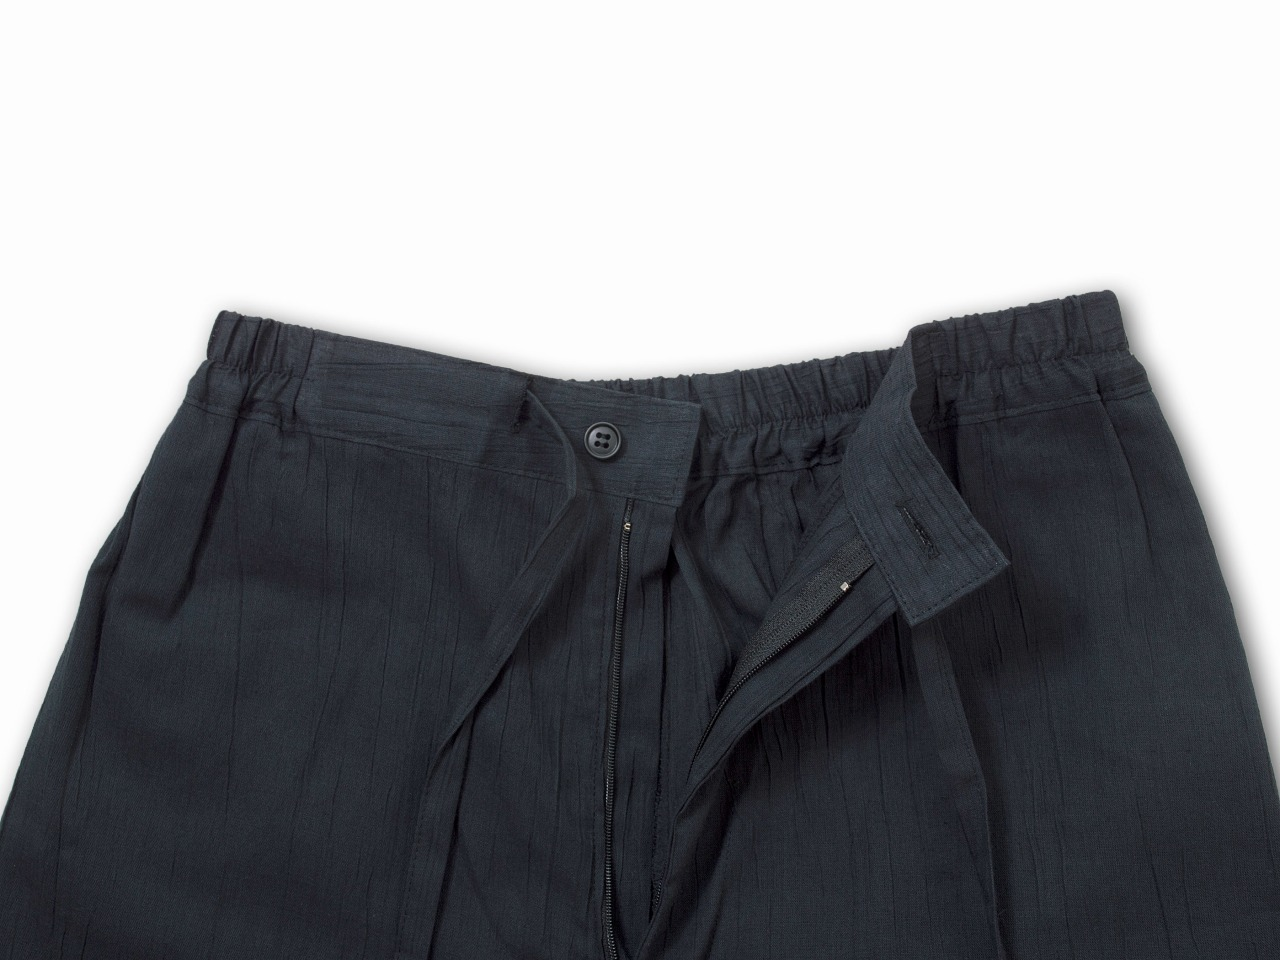 ズボンの右後ろにも大き目のポケットがついて、普段着としても活躍します。